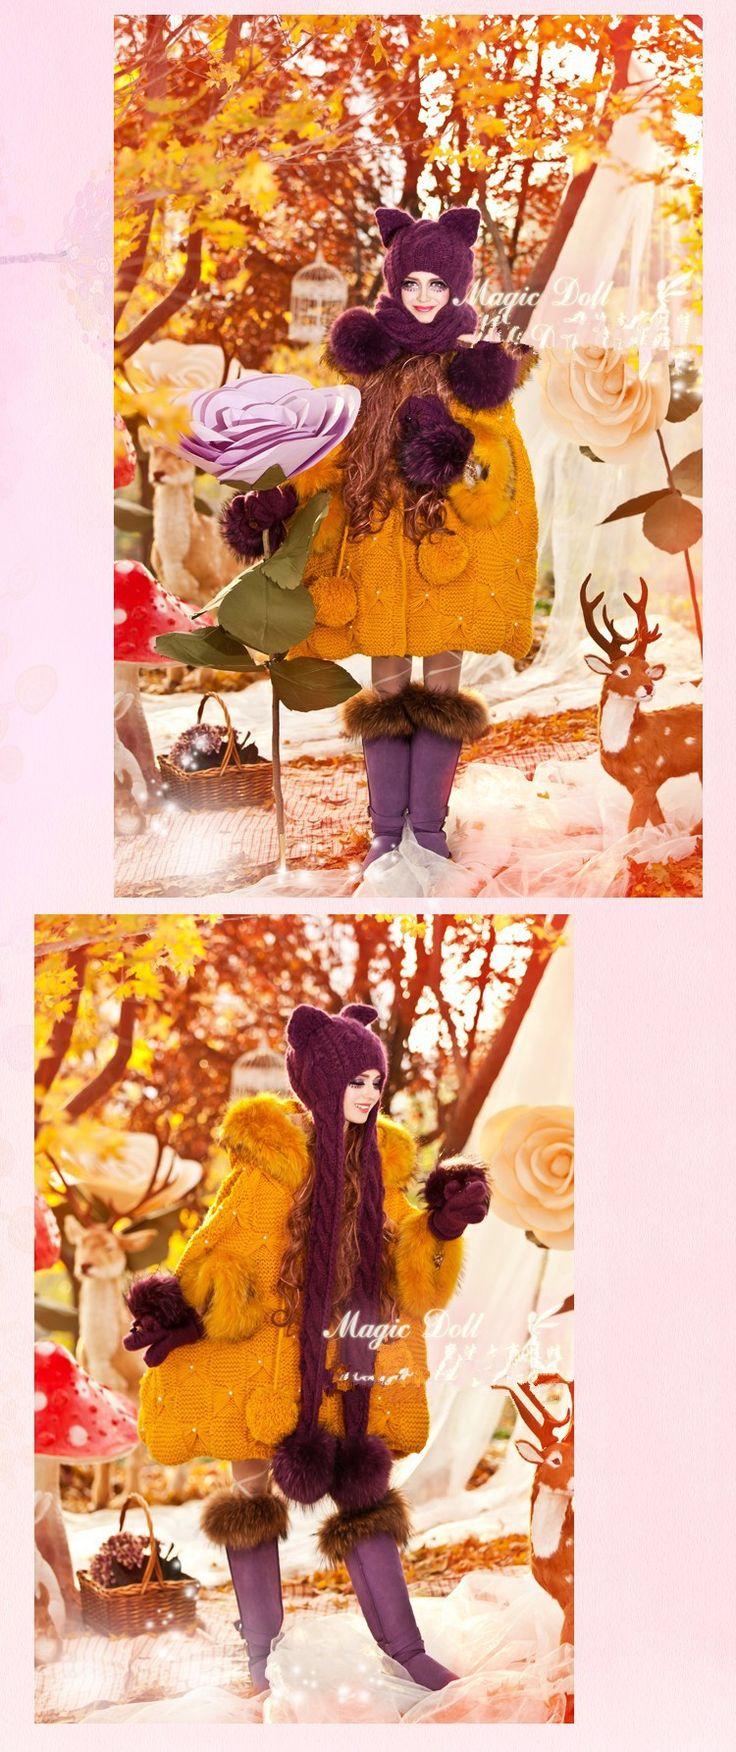 Фиолетовый тяжёлый волос мяч наушники коса шарф cat уха мэджик угловой из шерсть вязаные шапки и перчатки купить на AliExpress